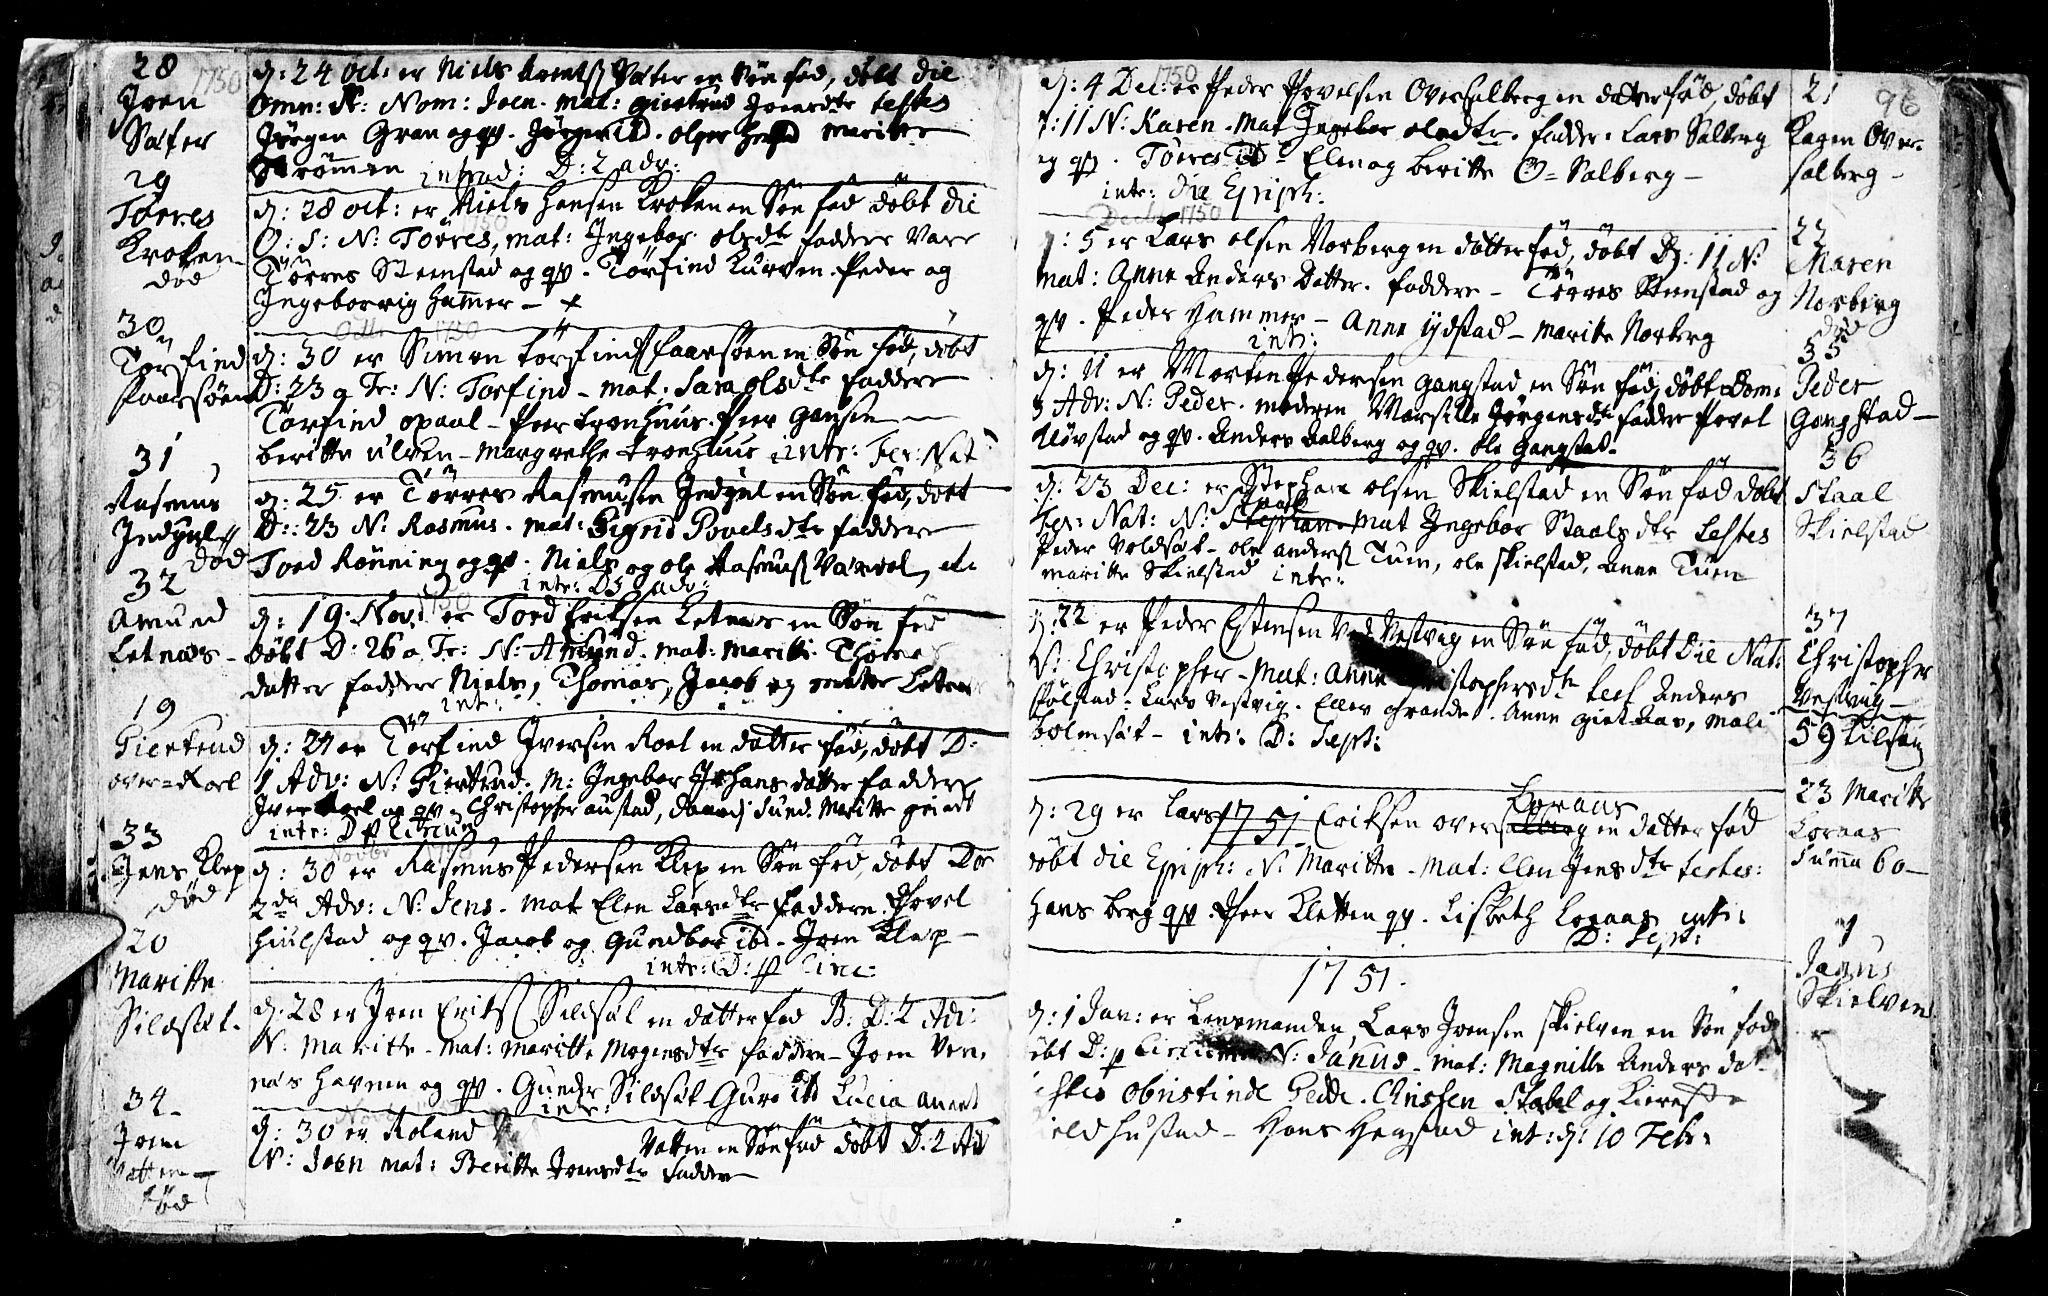 SAT, Ministerialprotokoller, klokkerbøker og fødselsregistre - Nord-Trøndelag, 730/L0272: Ministerialbok nr. 730A01, 1733-1764, s. 96